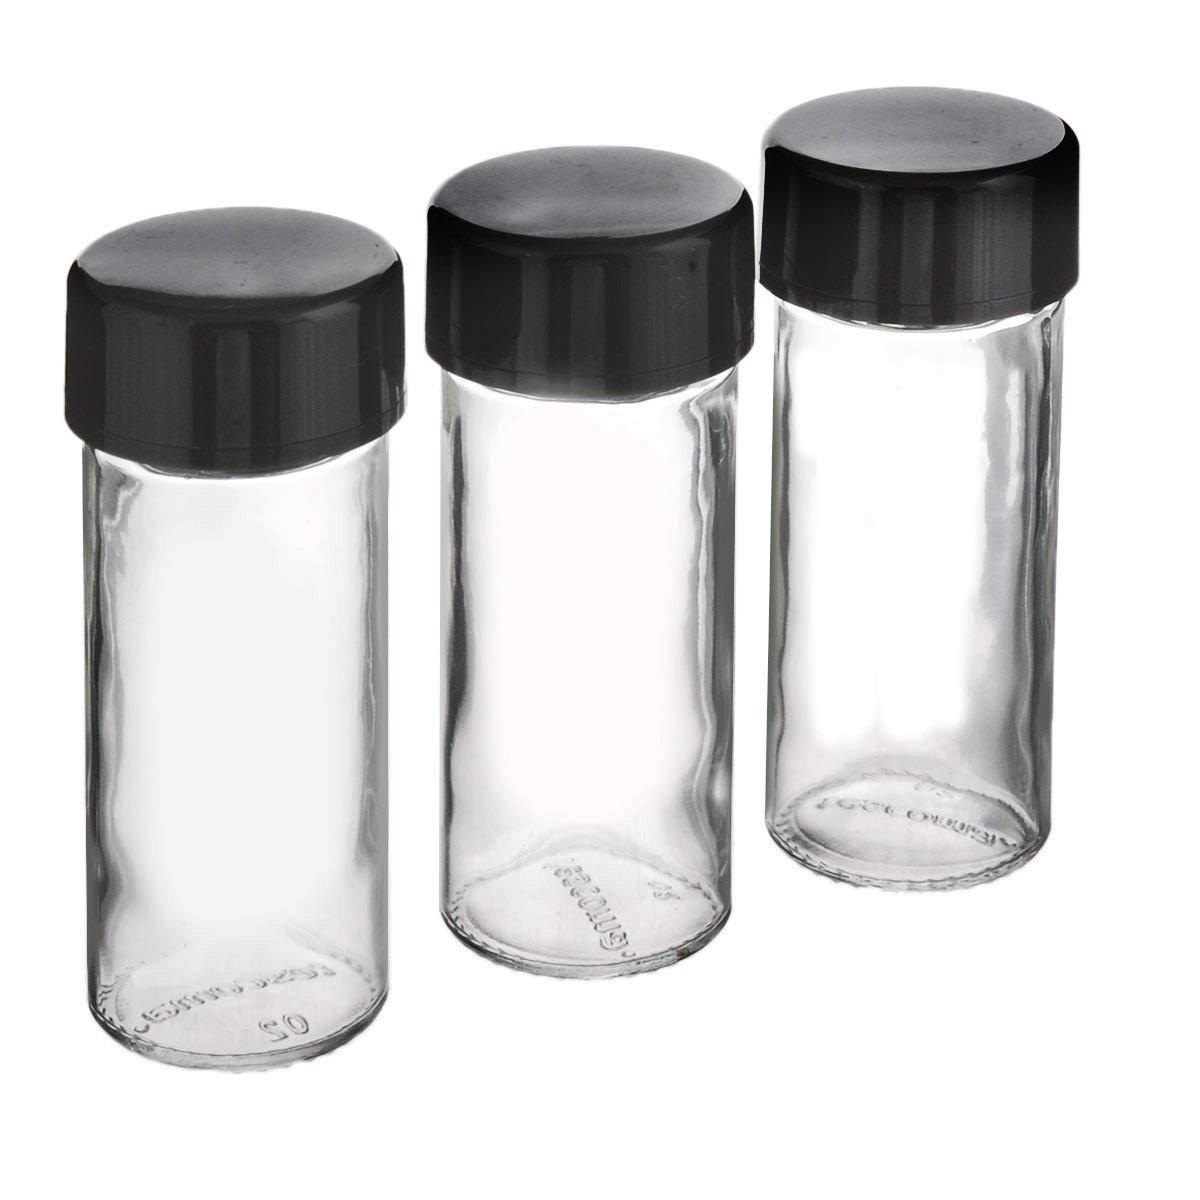 Емкости для специй Tescoma Season, цвет: антрацит, 3 шт657076Емкости для специй Tescoma Season предназначены для компактного и организованного хранения специй. Набор состоит из 3 универсальных баночек с крышками для молотых пряностей и 3 запасными колпачками для целых специй. Изготовлены из термостойкого стекла и высококачественного пластика. Можно мыть в посудомоечной машине. Диаметр баночек: 4 см. Высота баночек: 11 см.